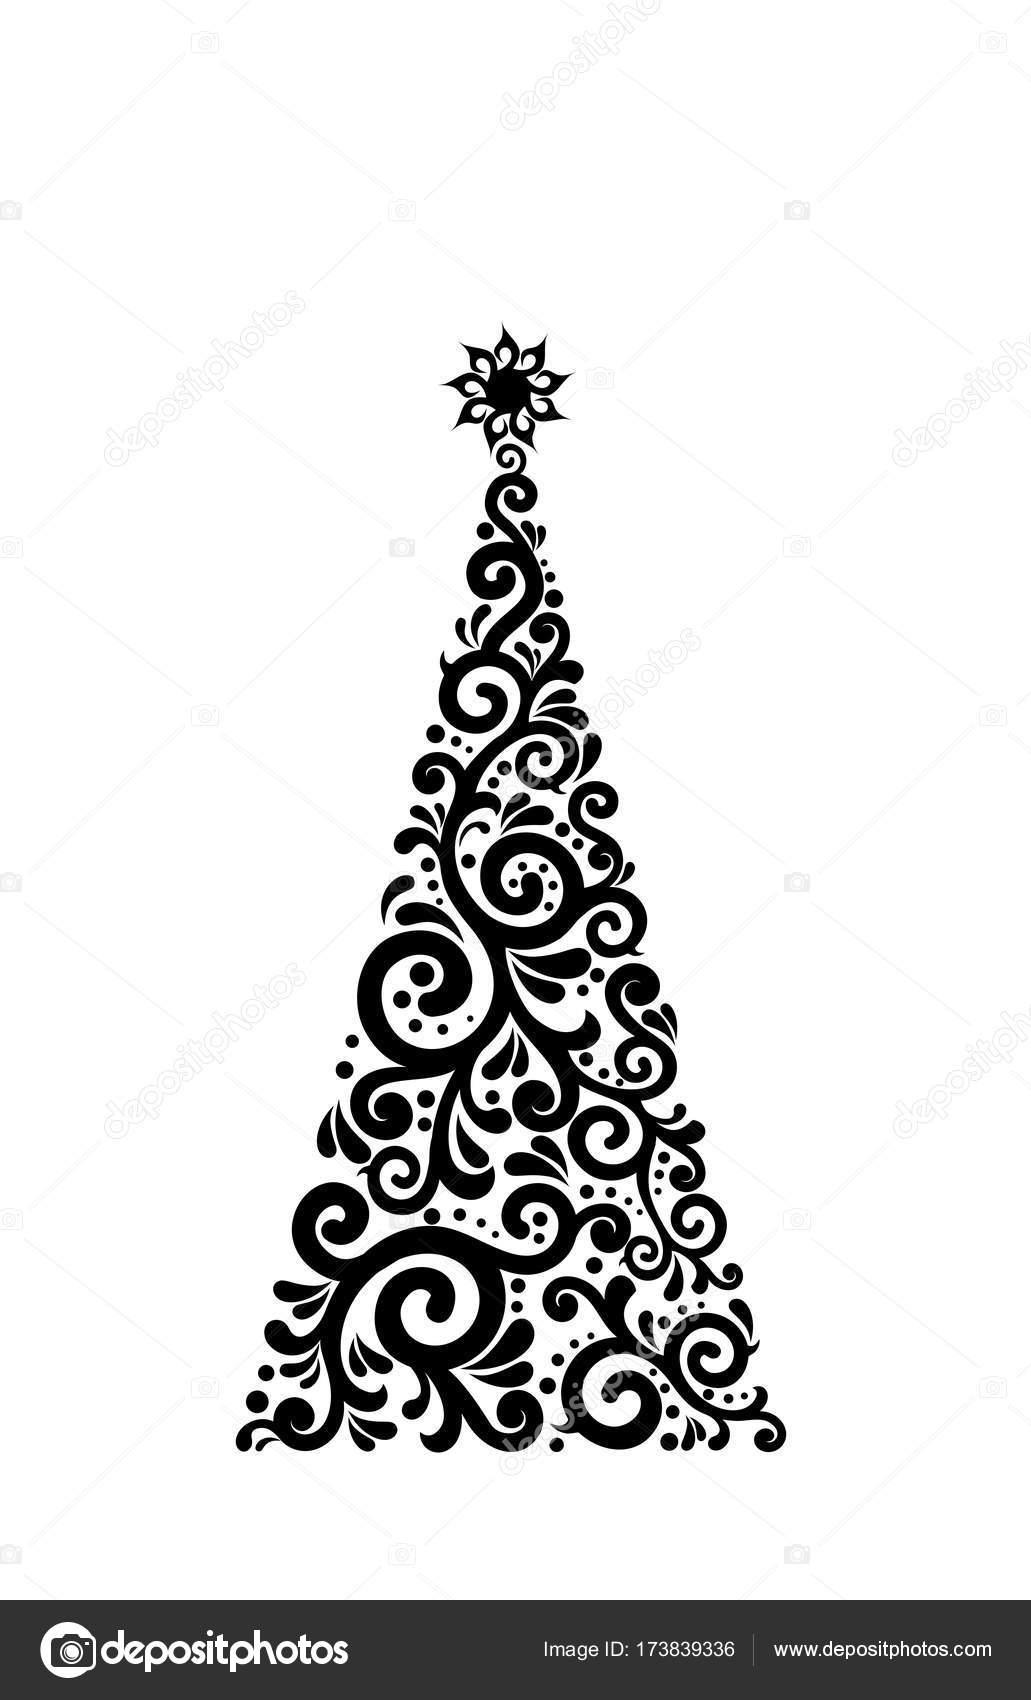 Moderner Weihnachtsbaum.Moderner Weihnachtsbaum Stockfoto C Dmylakl 173839336